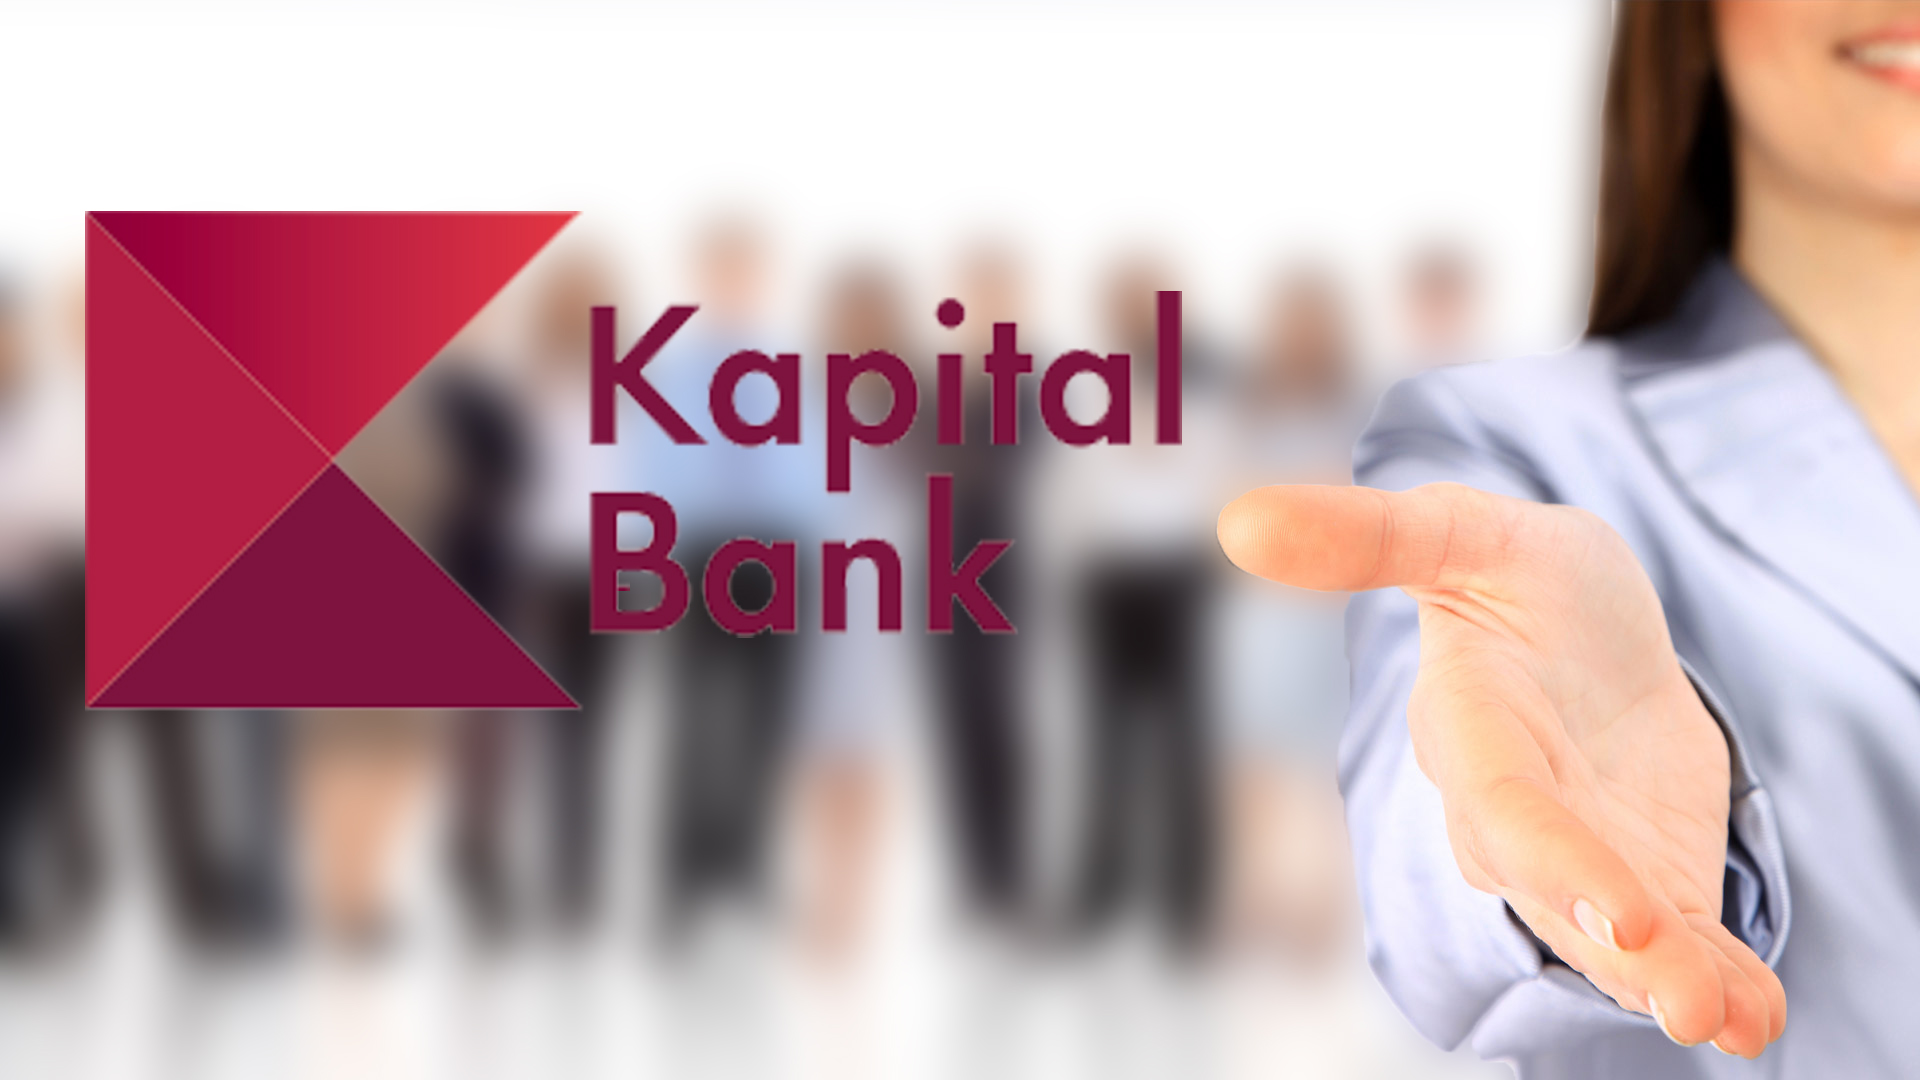 Kapital Bank-da İŞ VAR! - 27 Yeni Vakansiya